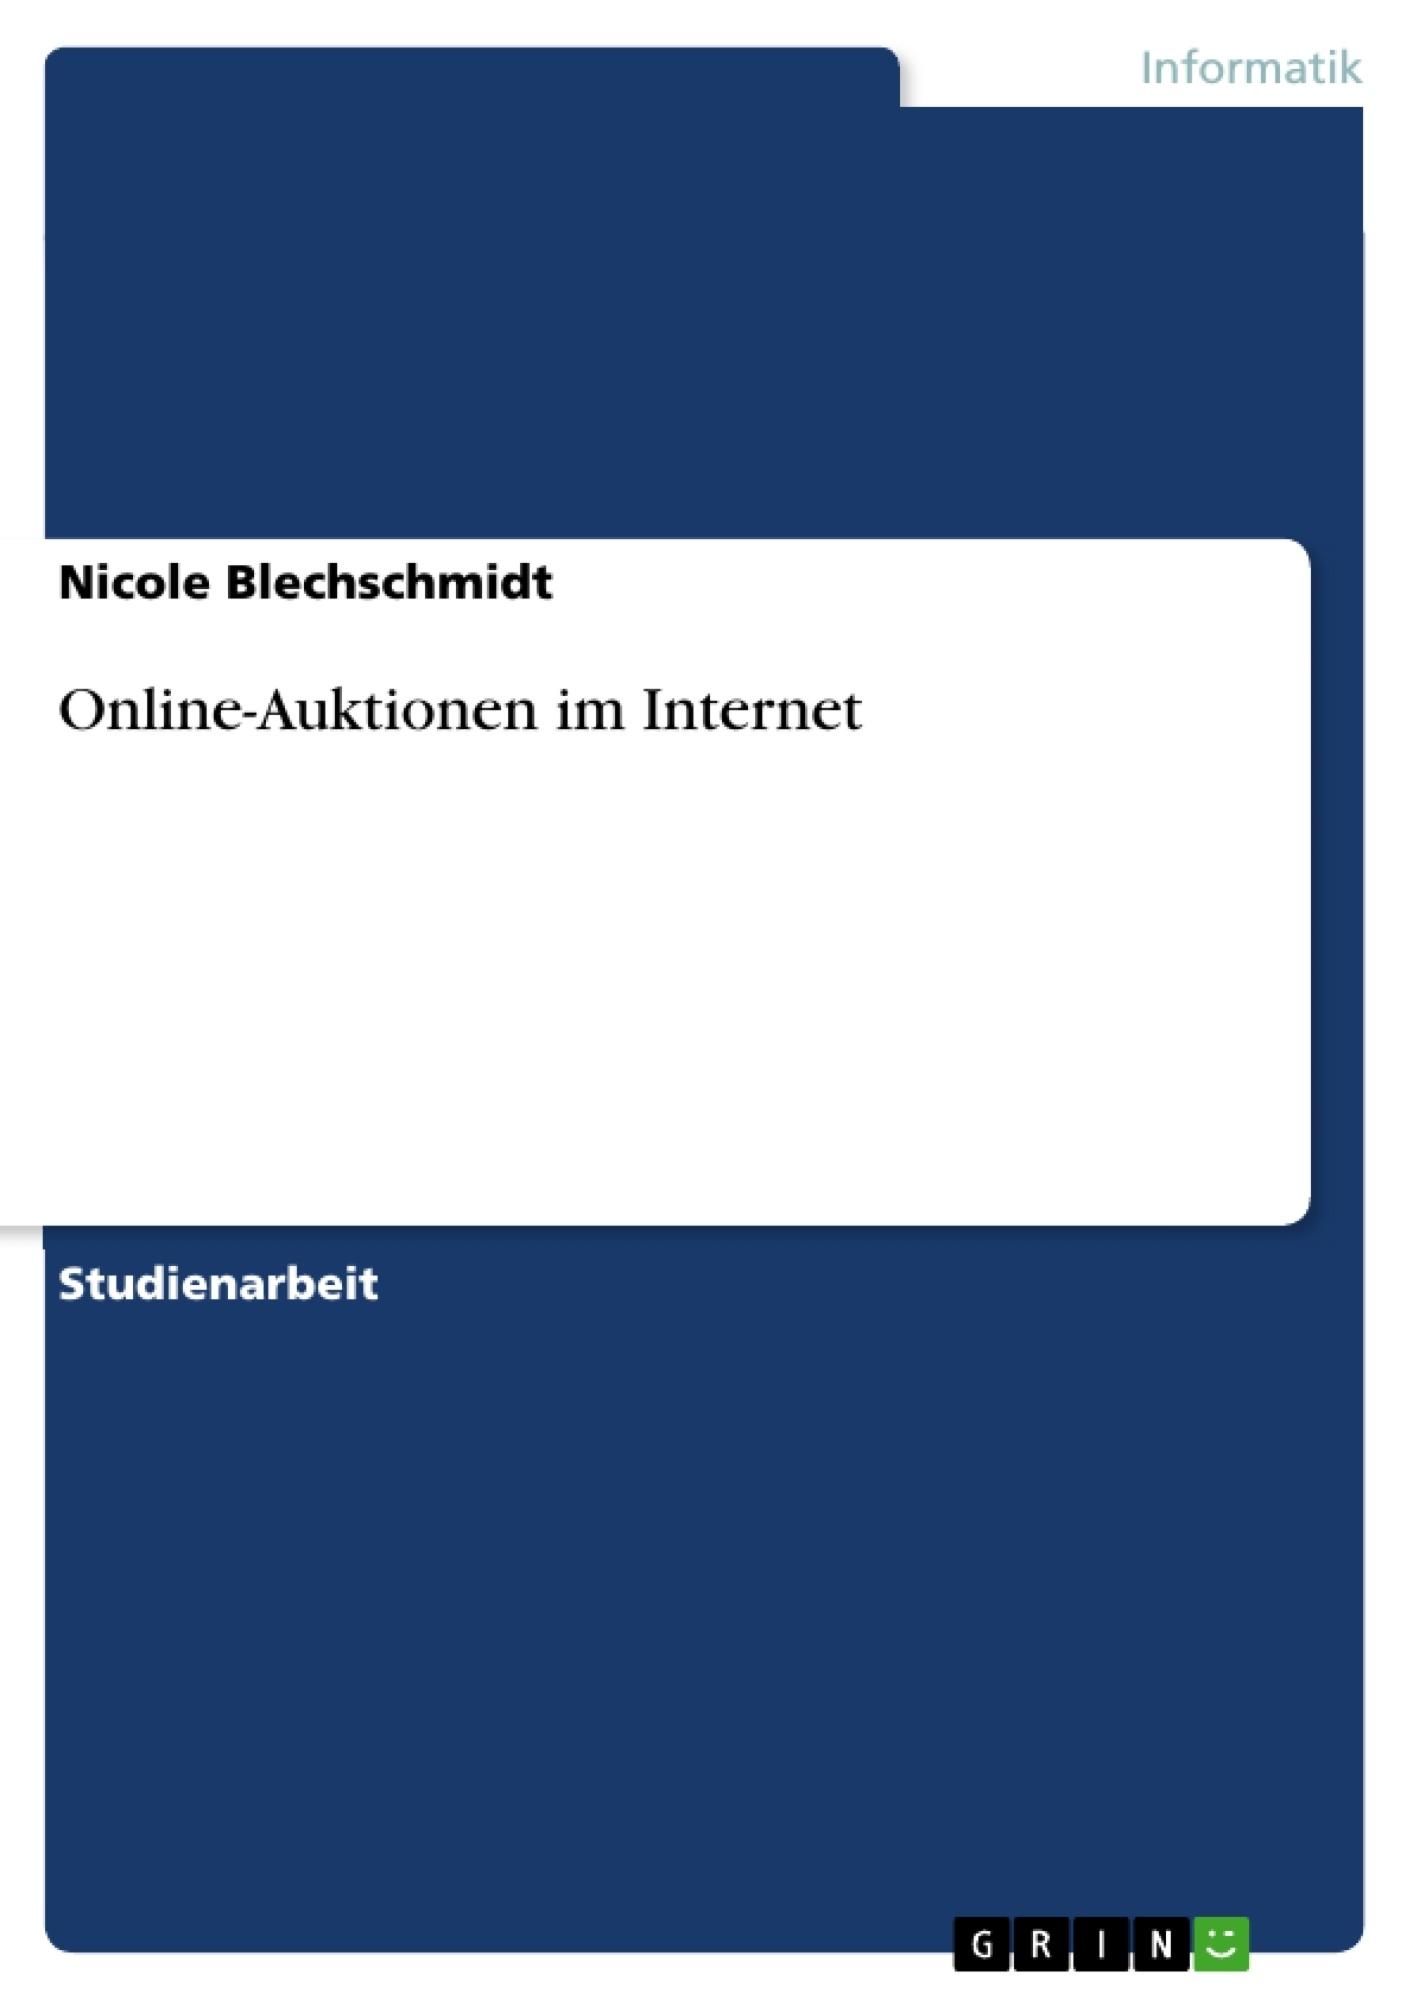 Titel: Online-Auktionen im Internet